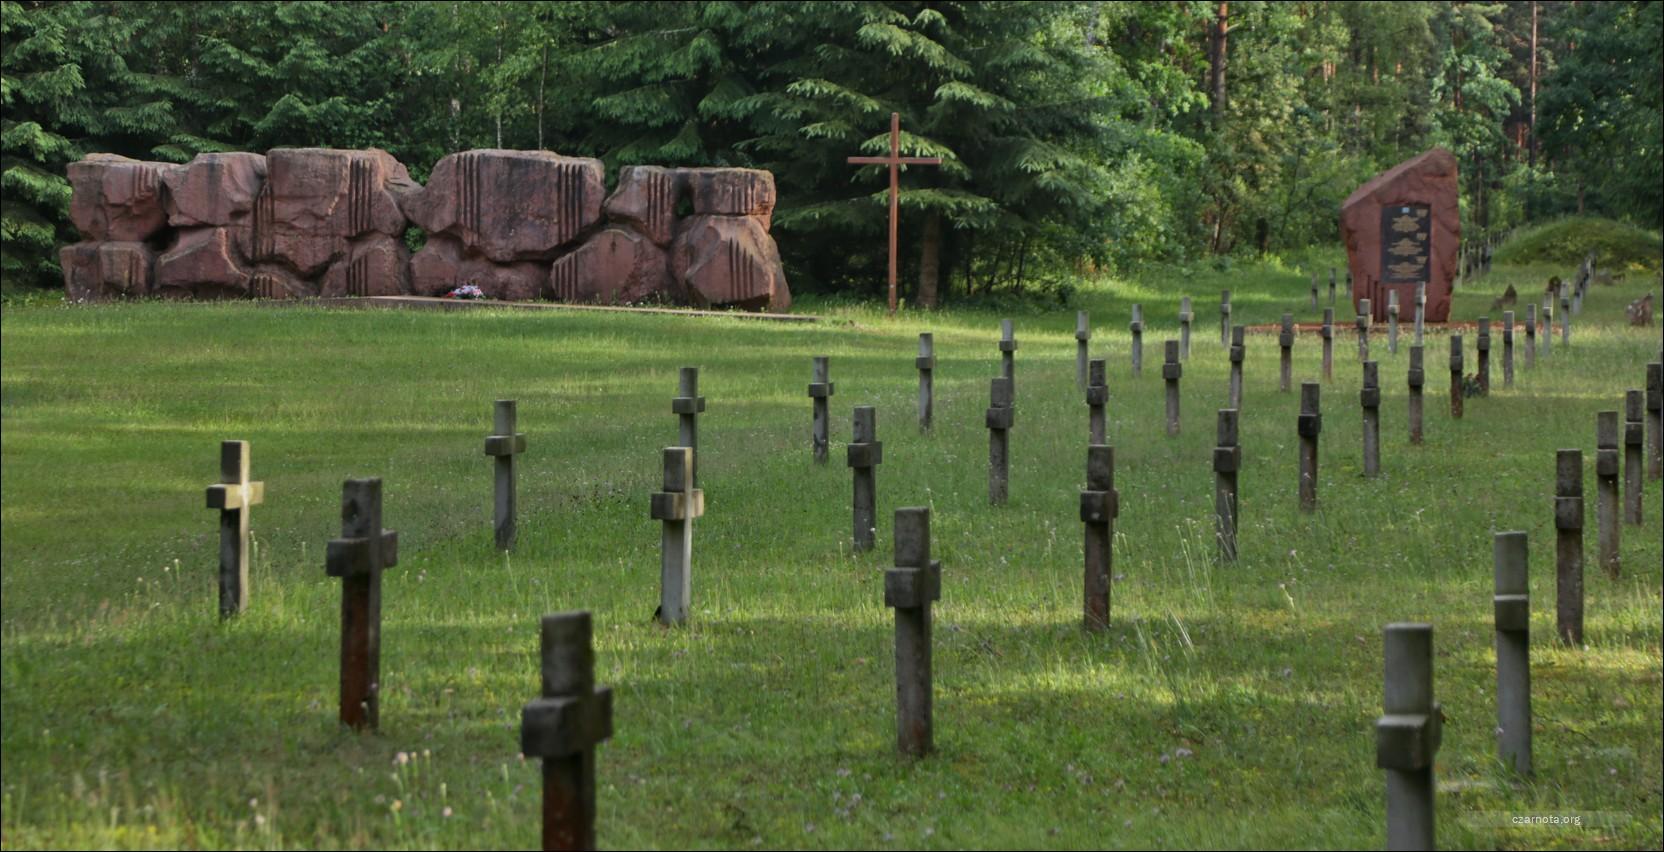 Polska, Karny Obóz Pracy Treblinka I, Poland, Penal Labour Camp Treblinka I (cz. 1)